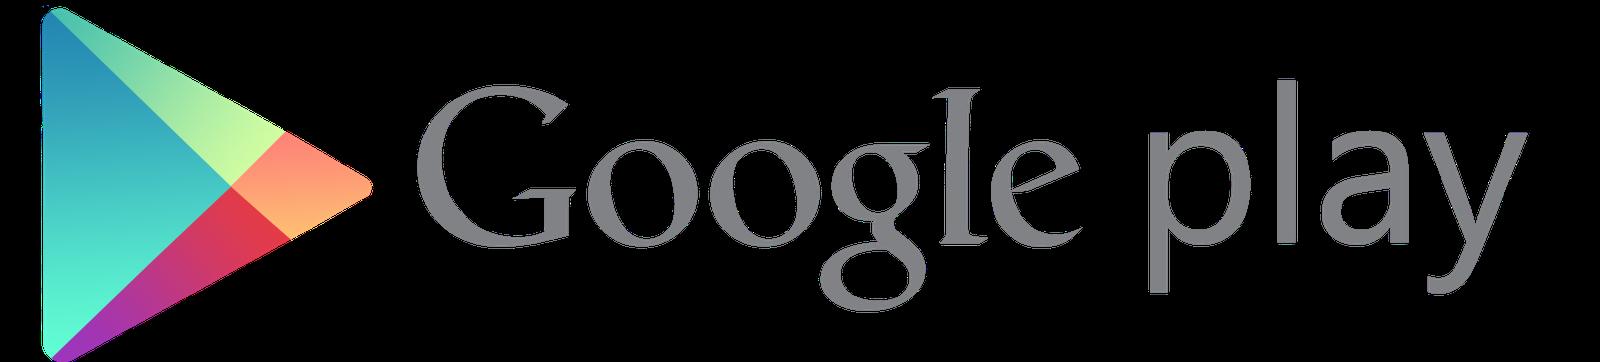 Google Play logo 3300x746 transparent.png